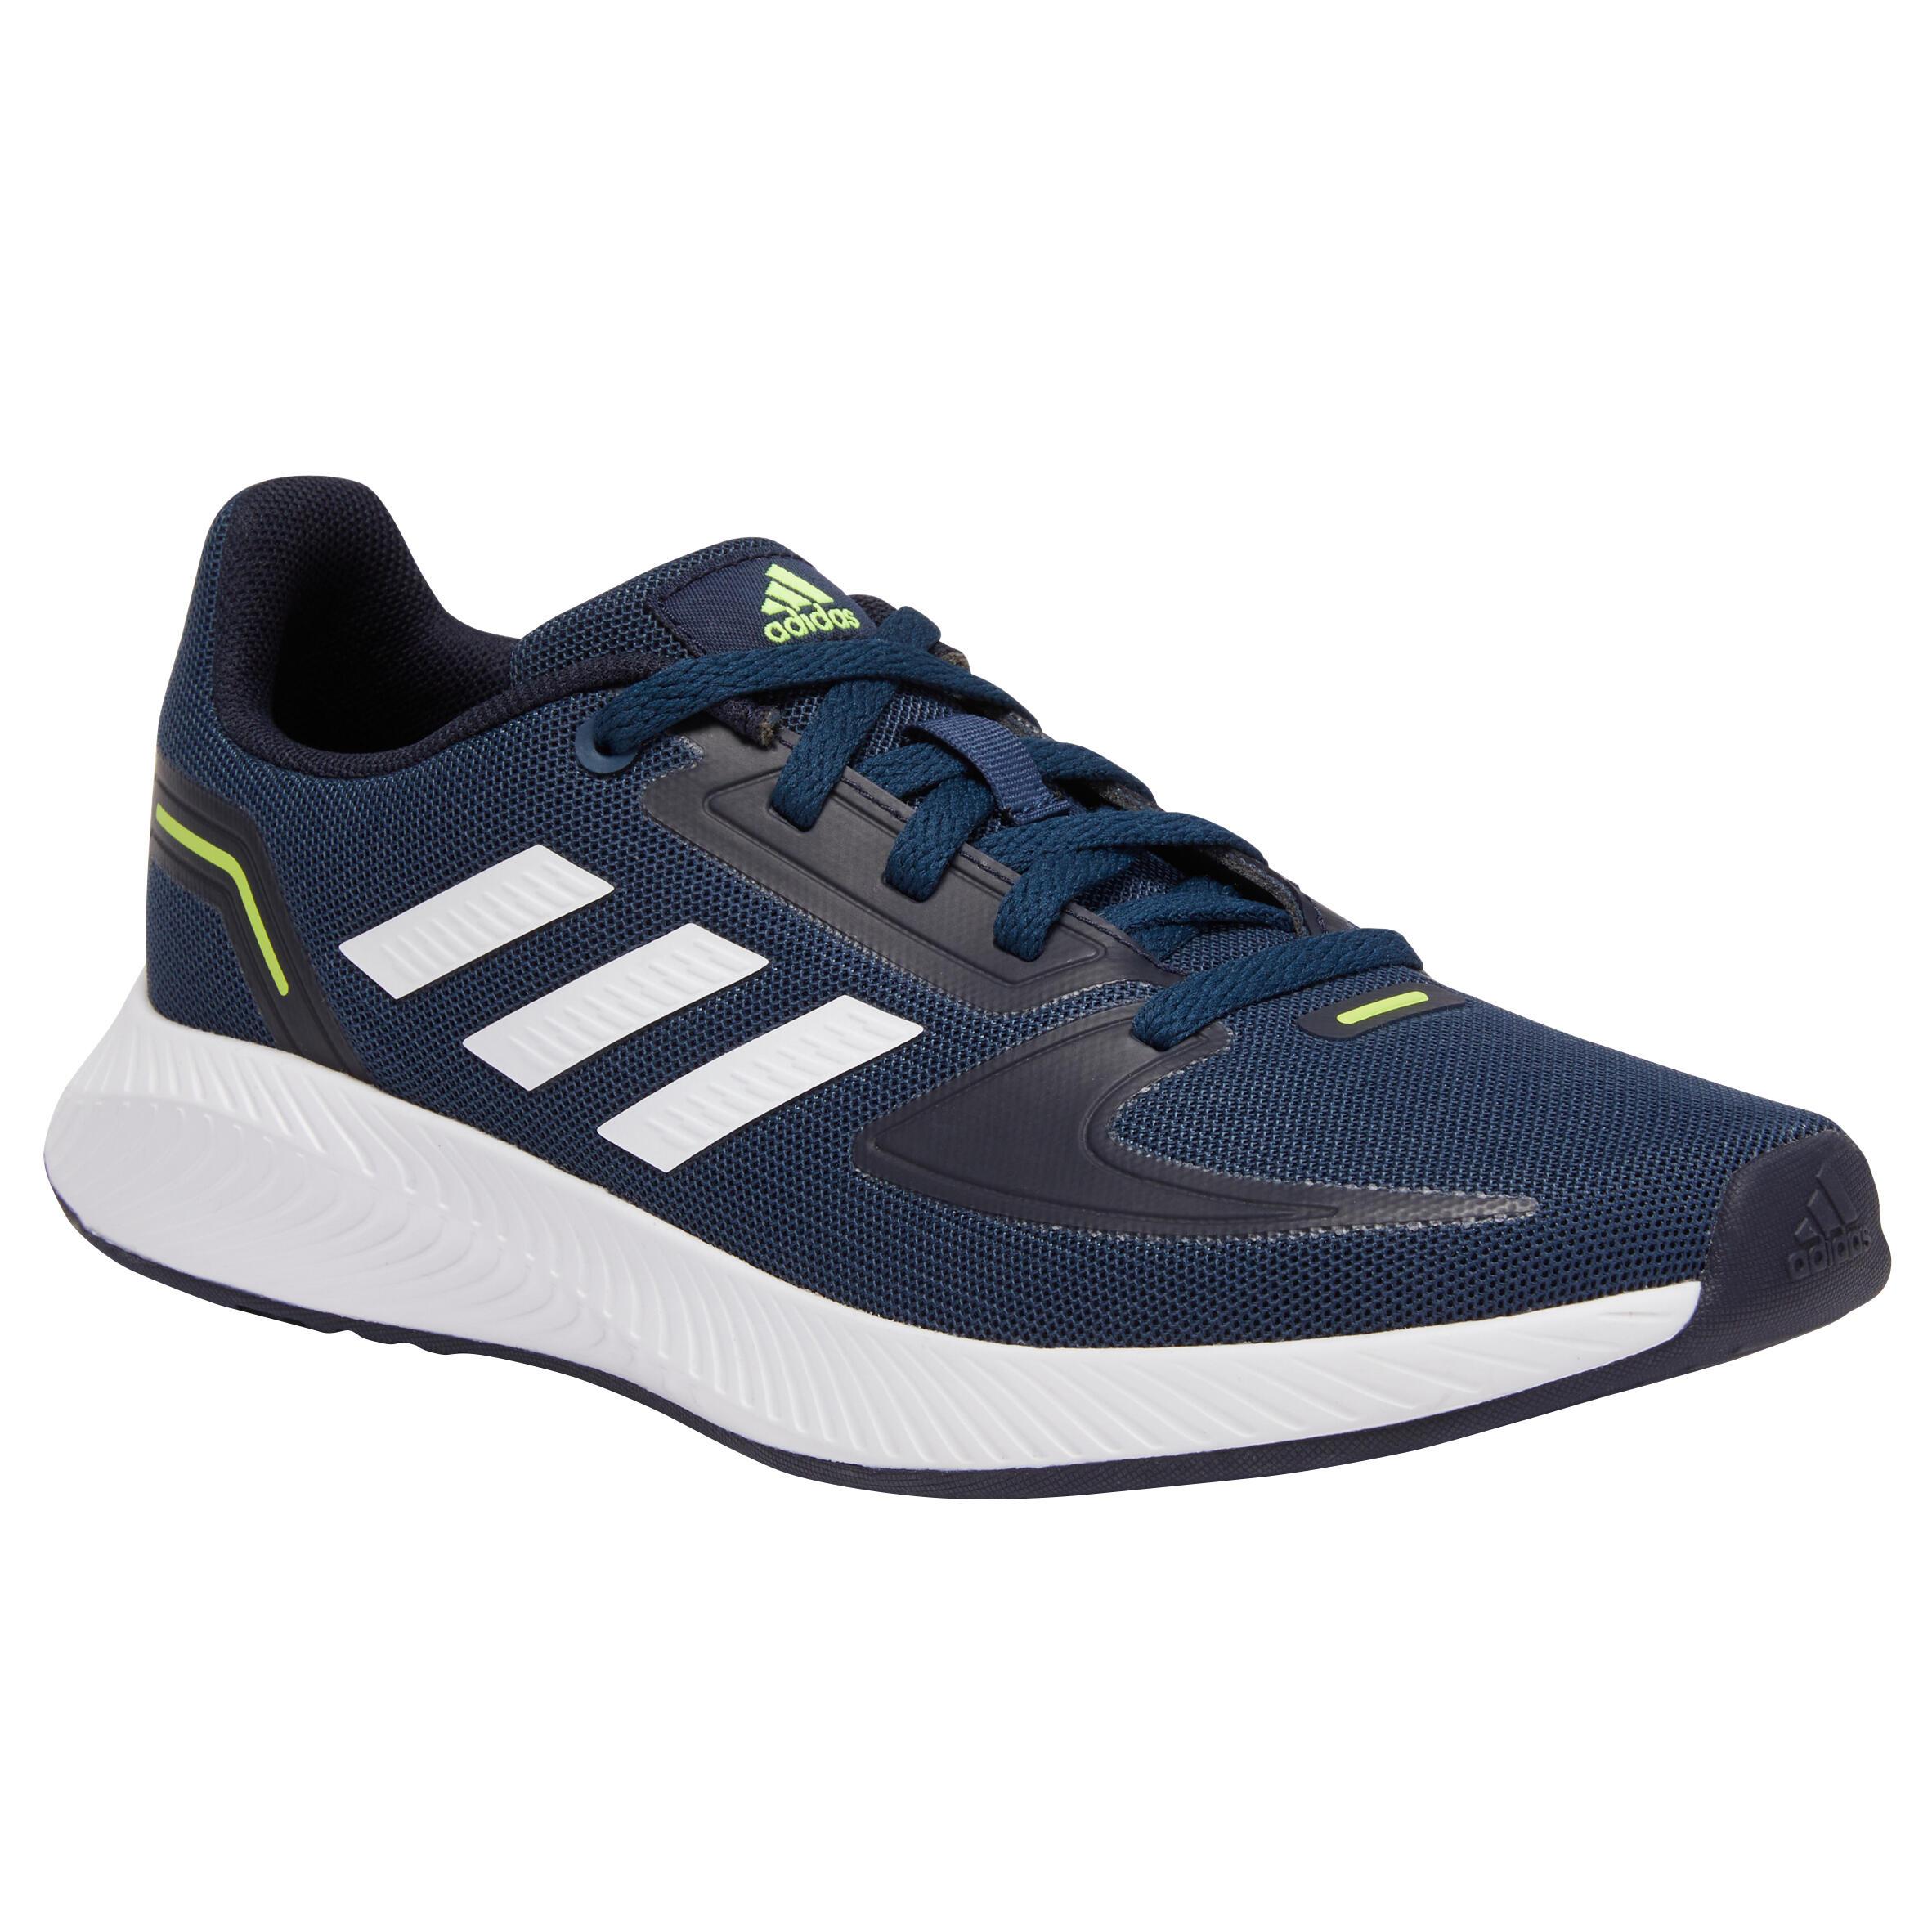 Încălțăminte Adidas Falcon